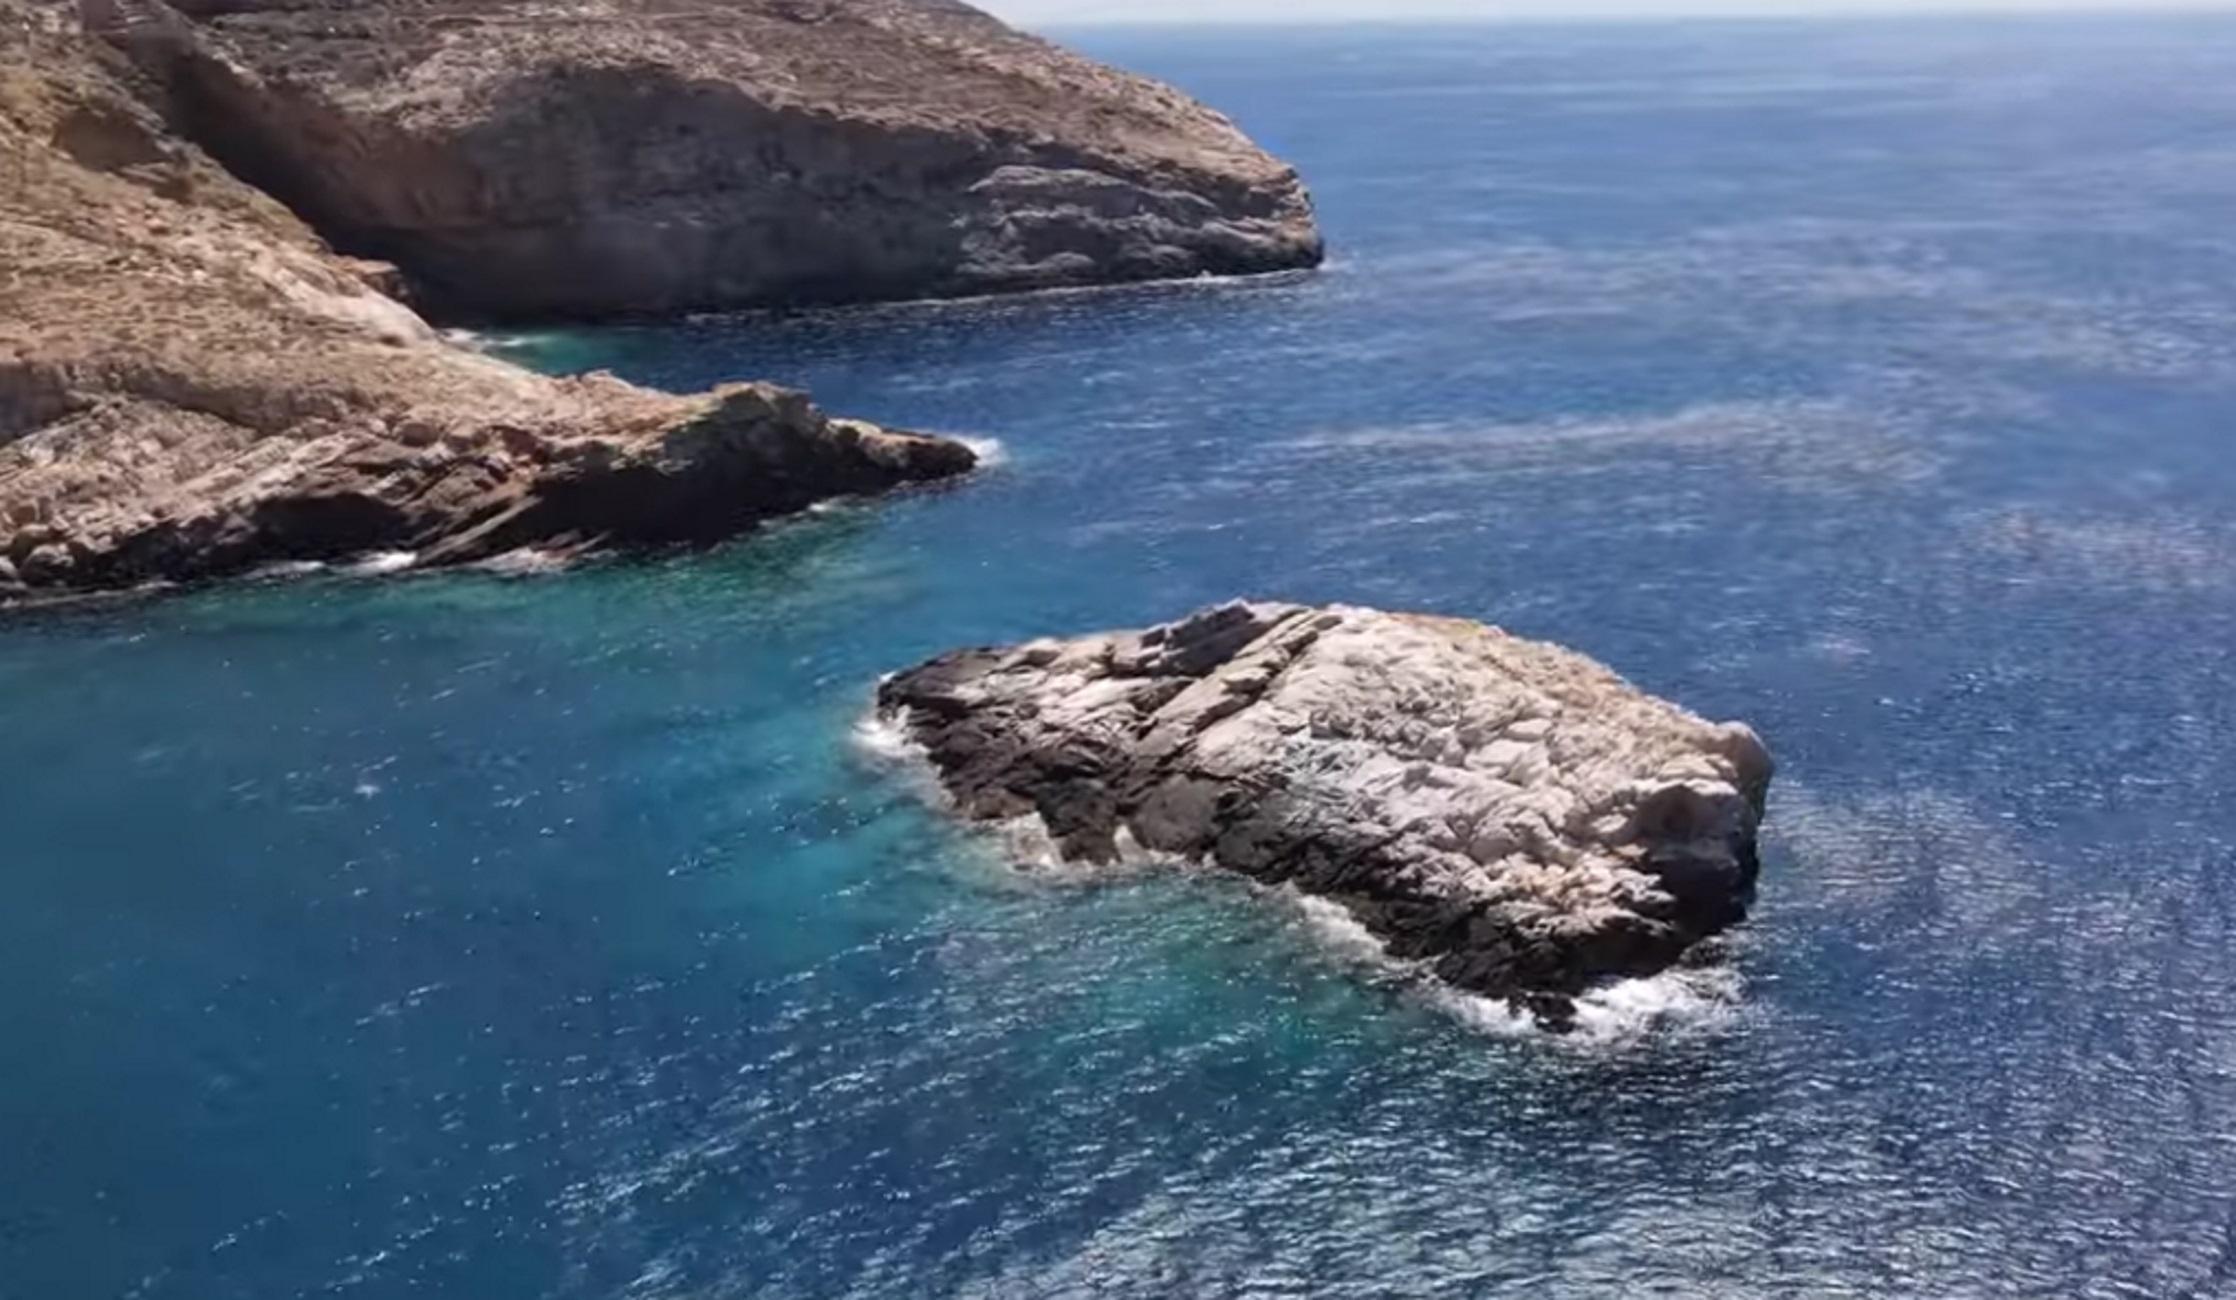 Φολέγανδρος: Ζουσε η 26χρονη όταν έπεσε στη θάλασσα – Στο Βέλο Κορινθίας σήμερα η κηδεία της